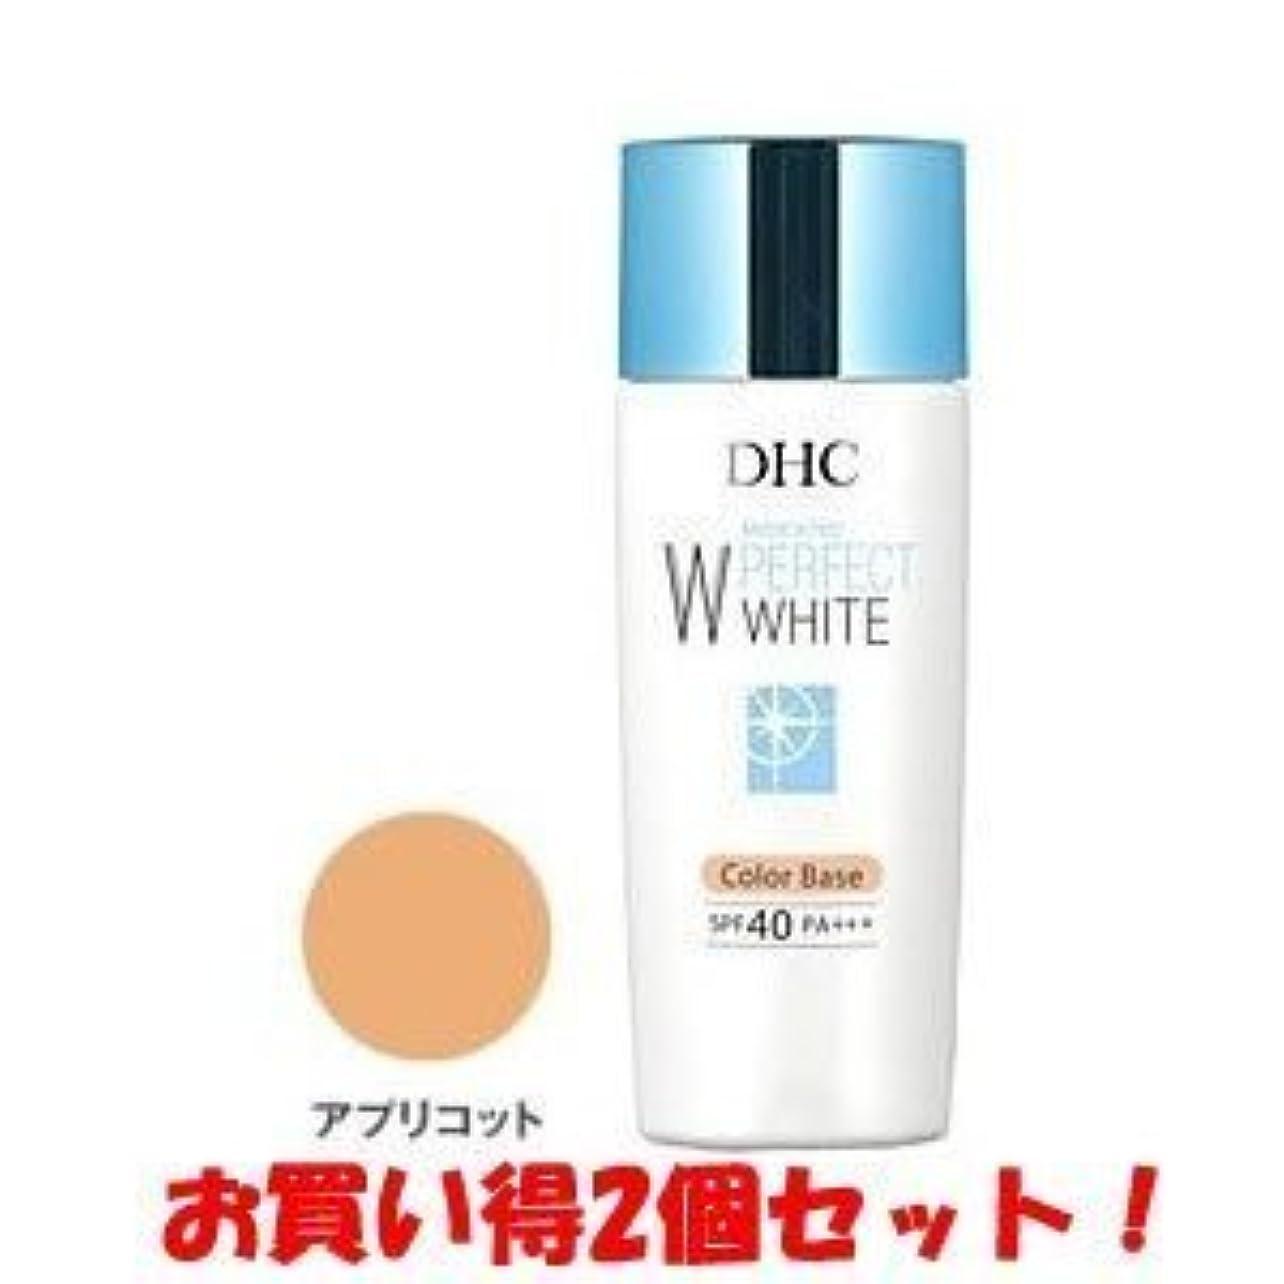 見せます均等に策定するDHC 薬用パーフェクトホワイト カラーベース アプリコット 30g(医薬部外品)(お買い得2個セット)